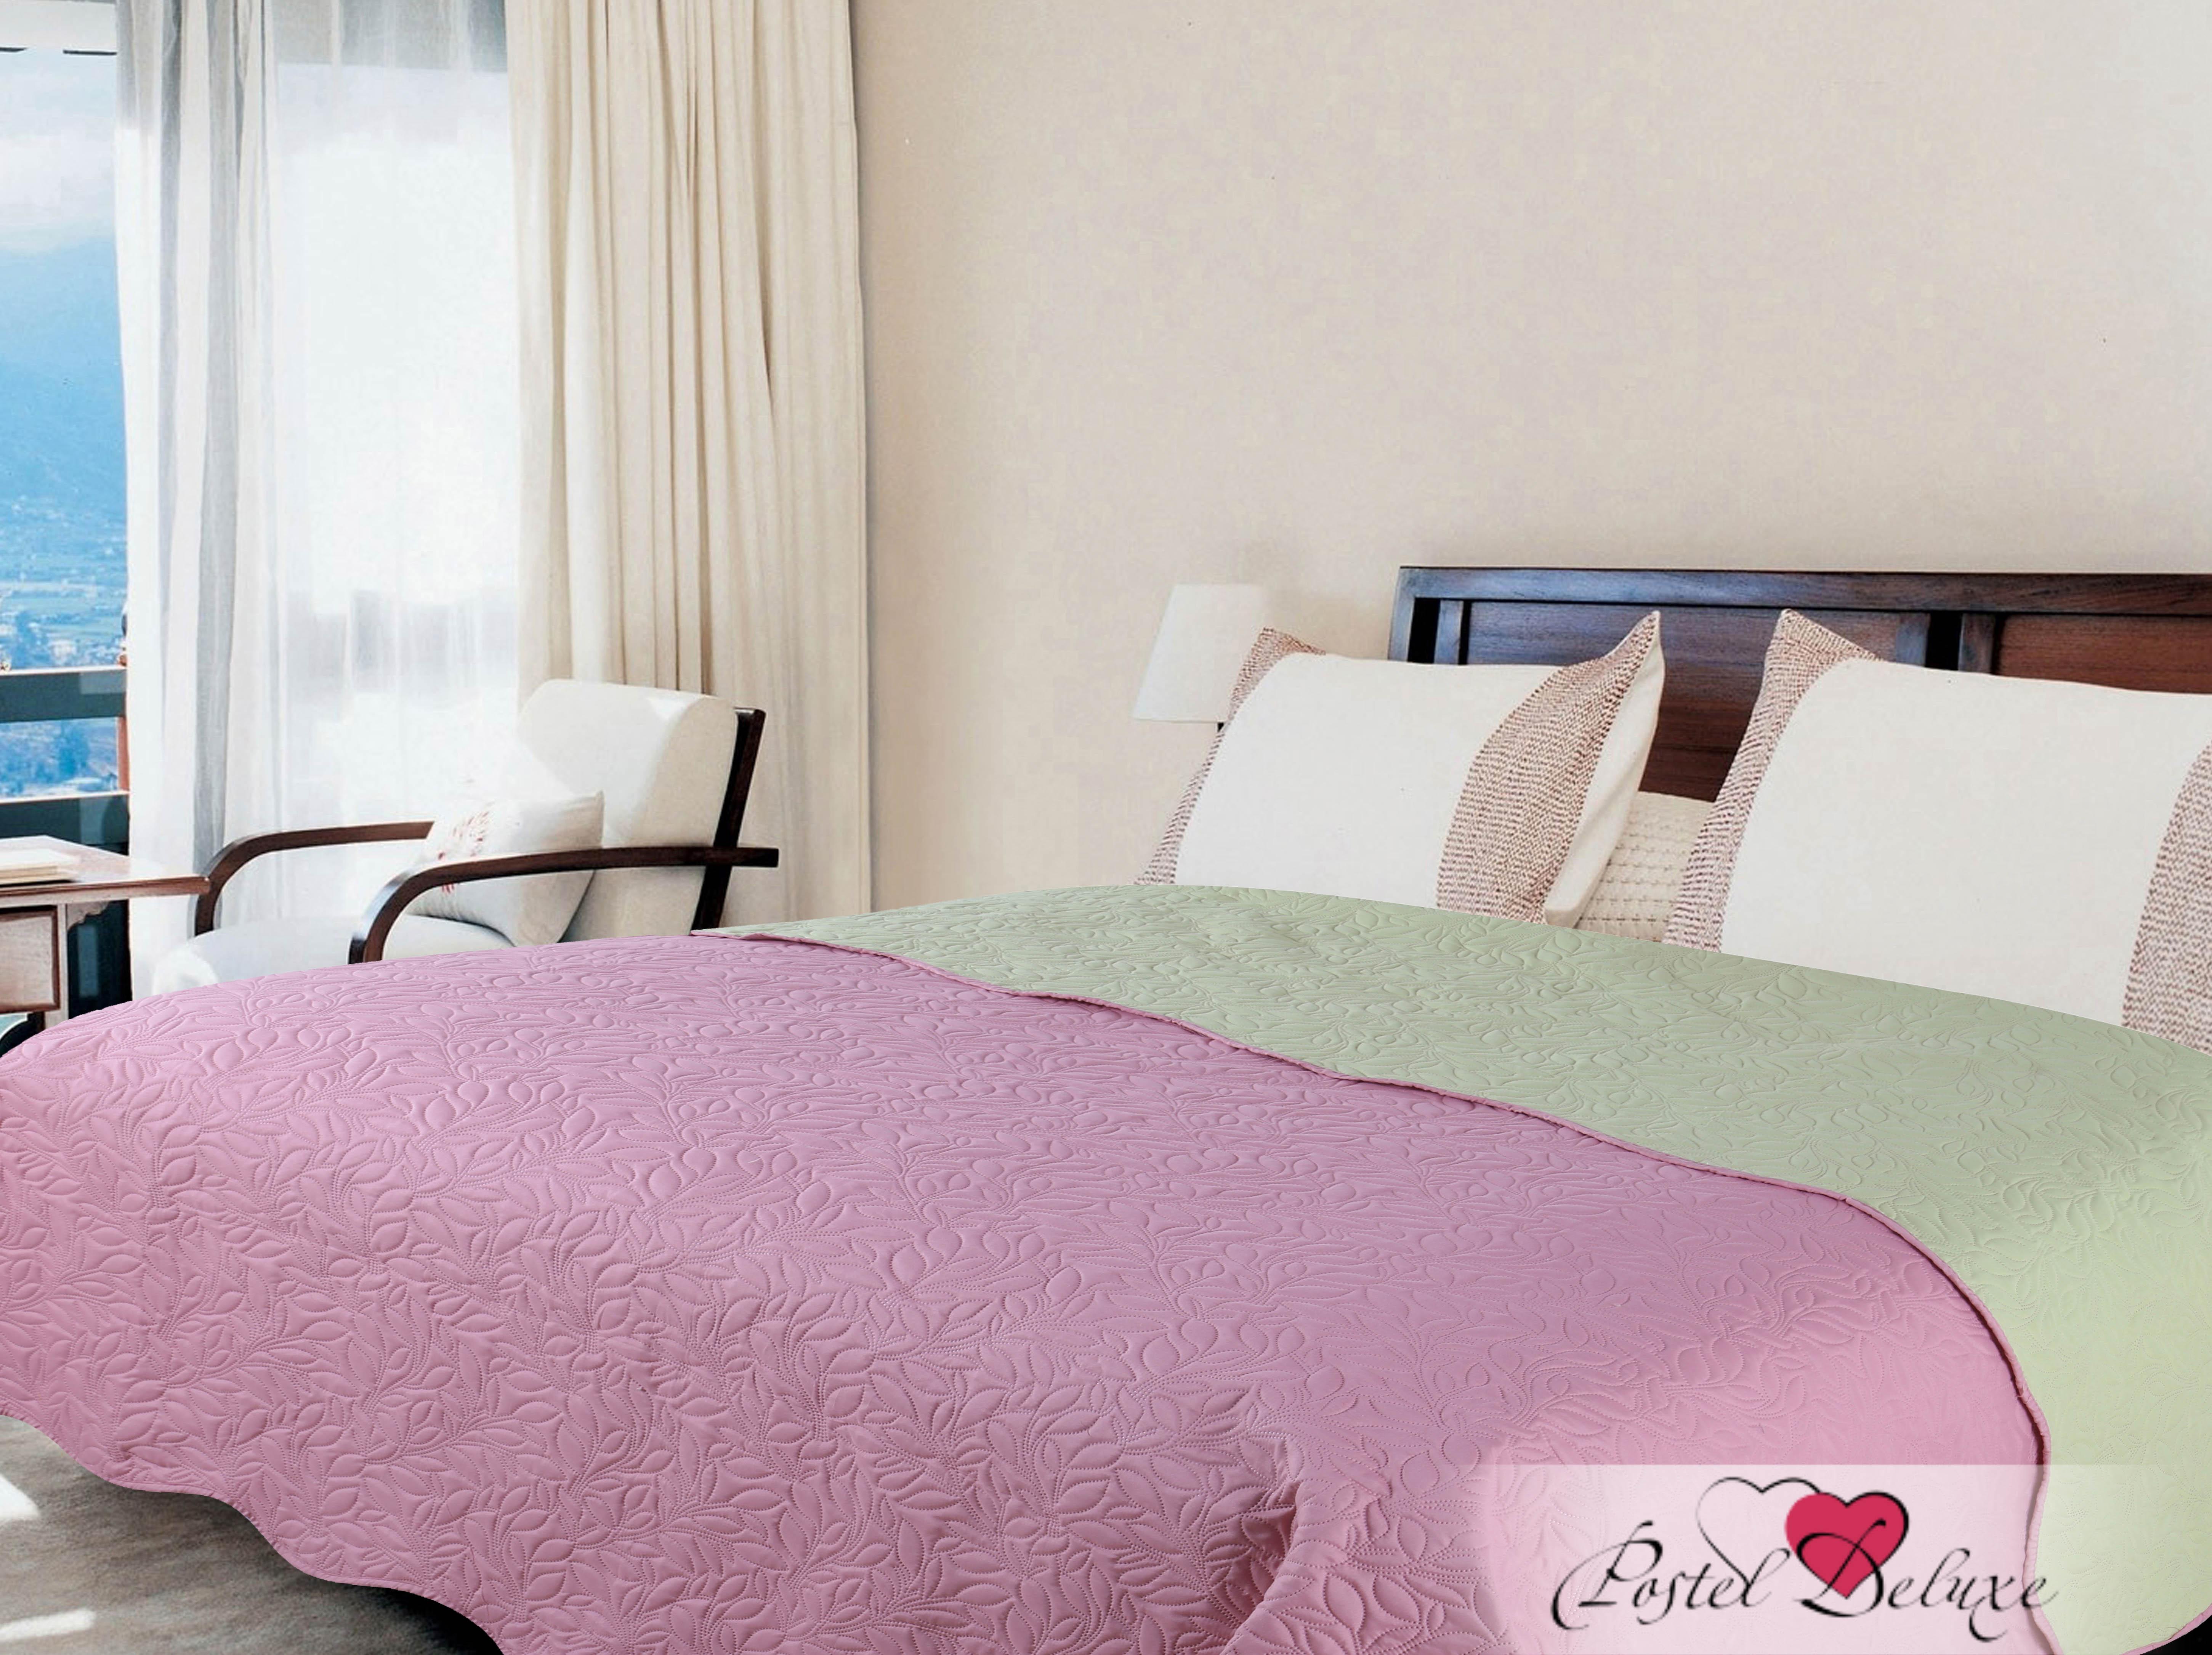 Купить Пледы и покрывала Amore Mio, Покрывало Alba Цвет: Розовый-Зеленый (200х220 см), Китай, Зеленый, Розовый, Микрофибра